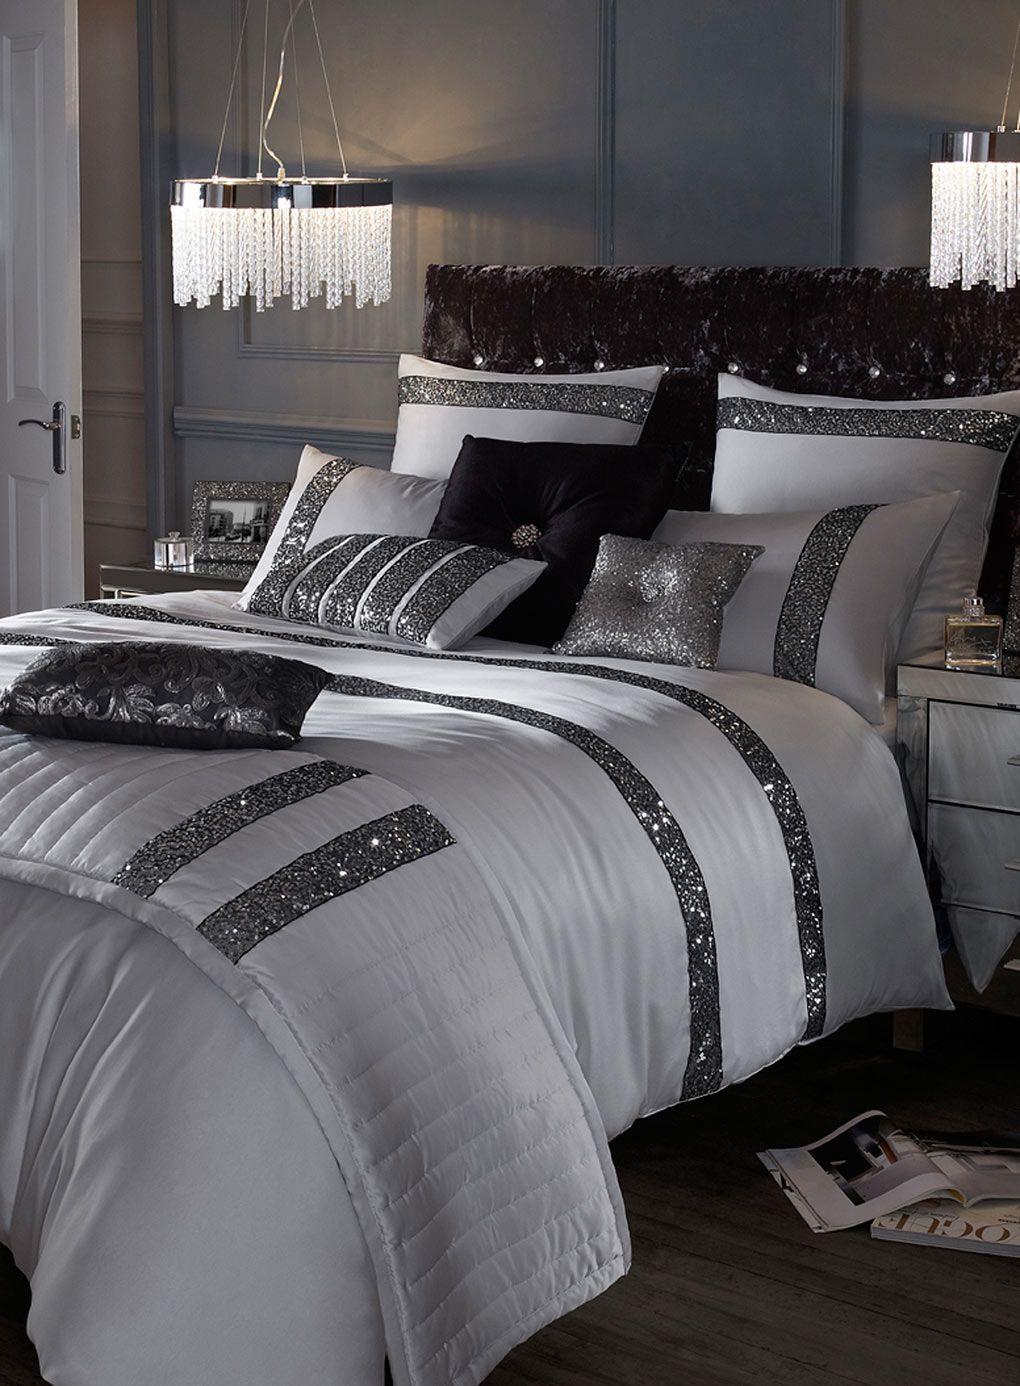 kylie minogue safia silver sequin bedding range bhs. Black Bedroom Furniture Sets. Home Design Ideas